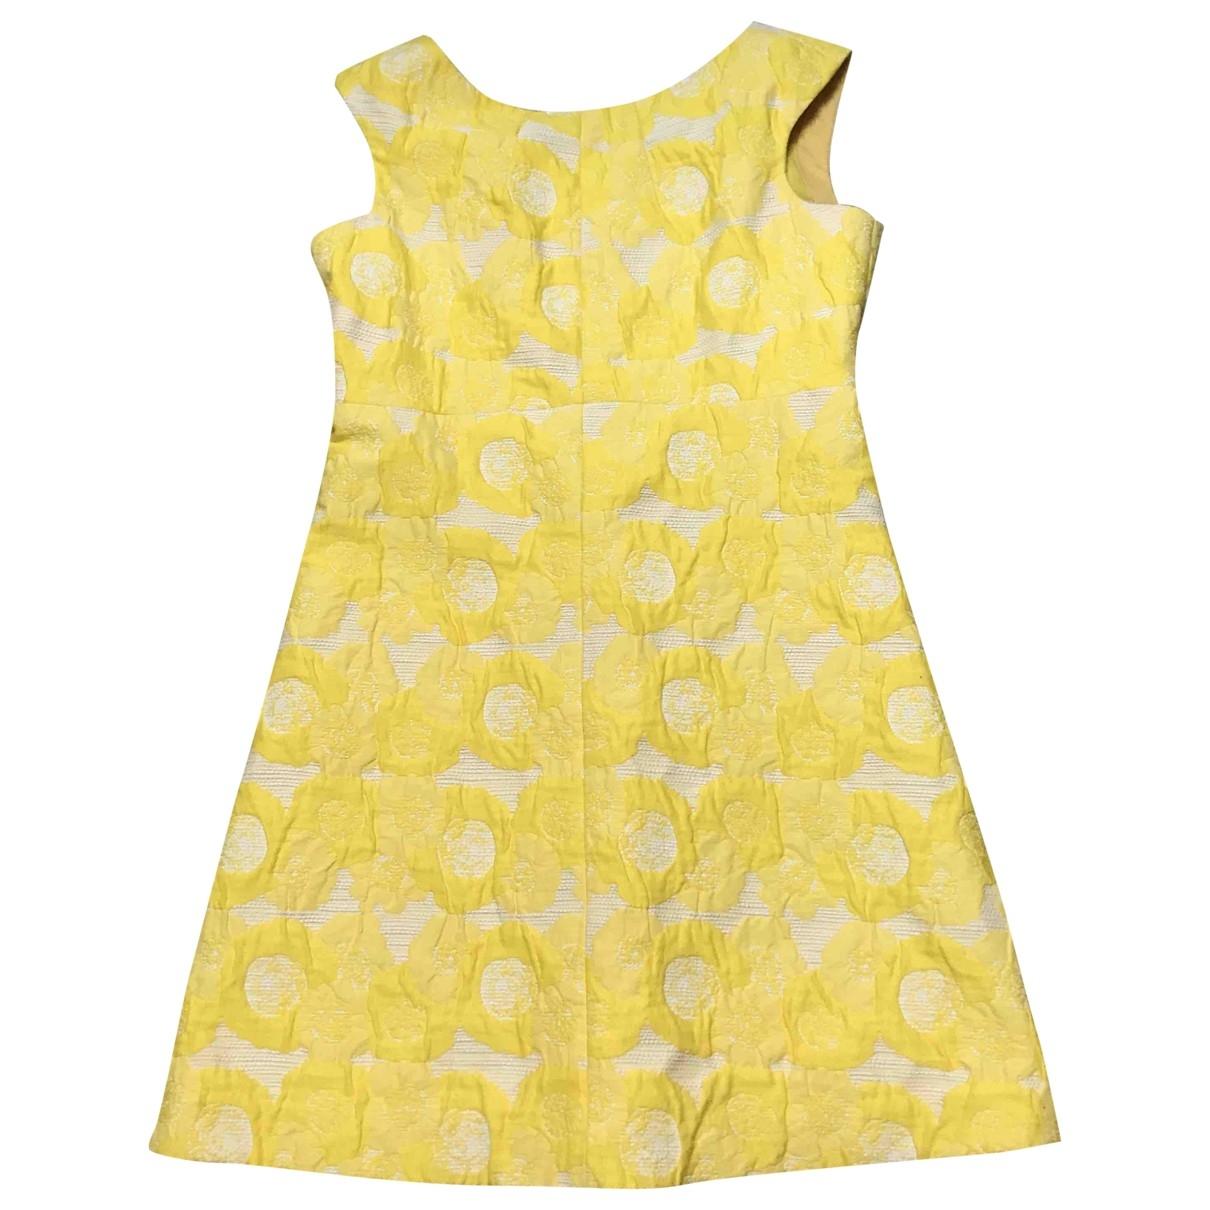 Tory Burch \N Kleid in  Gelb Baumwolle